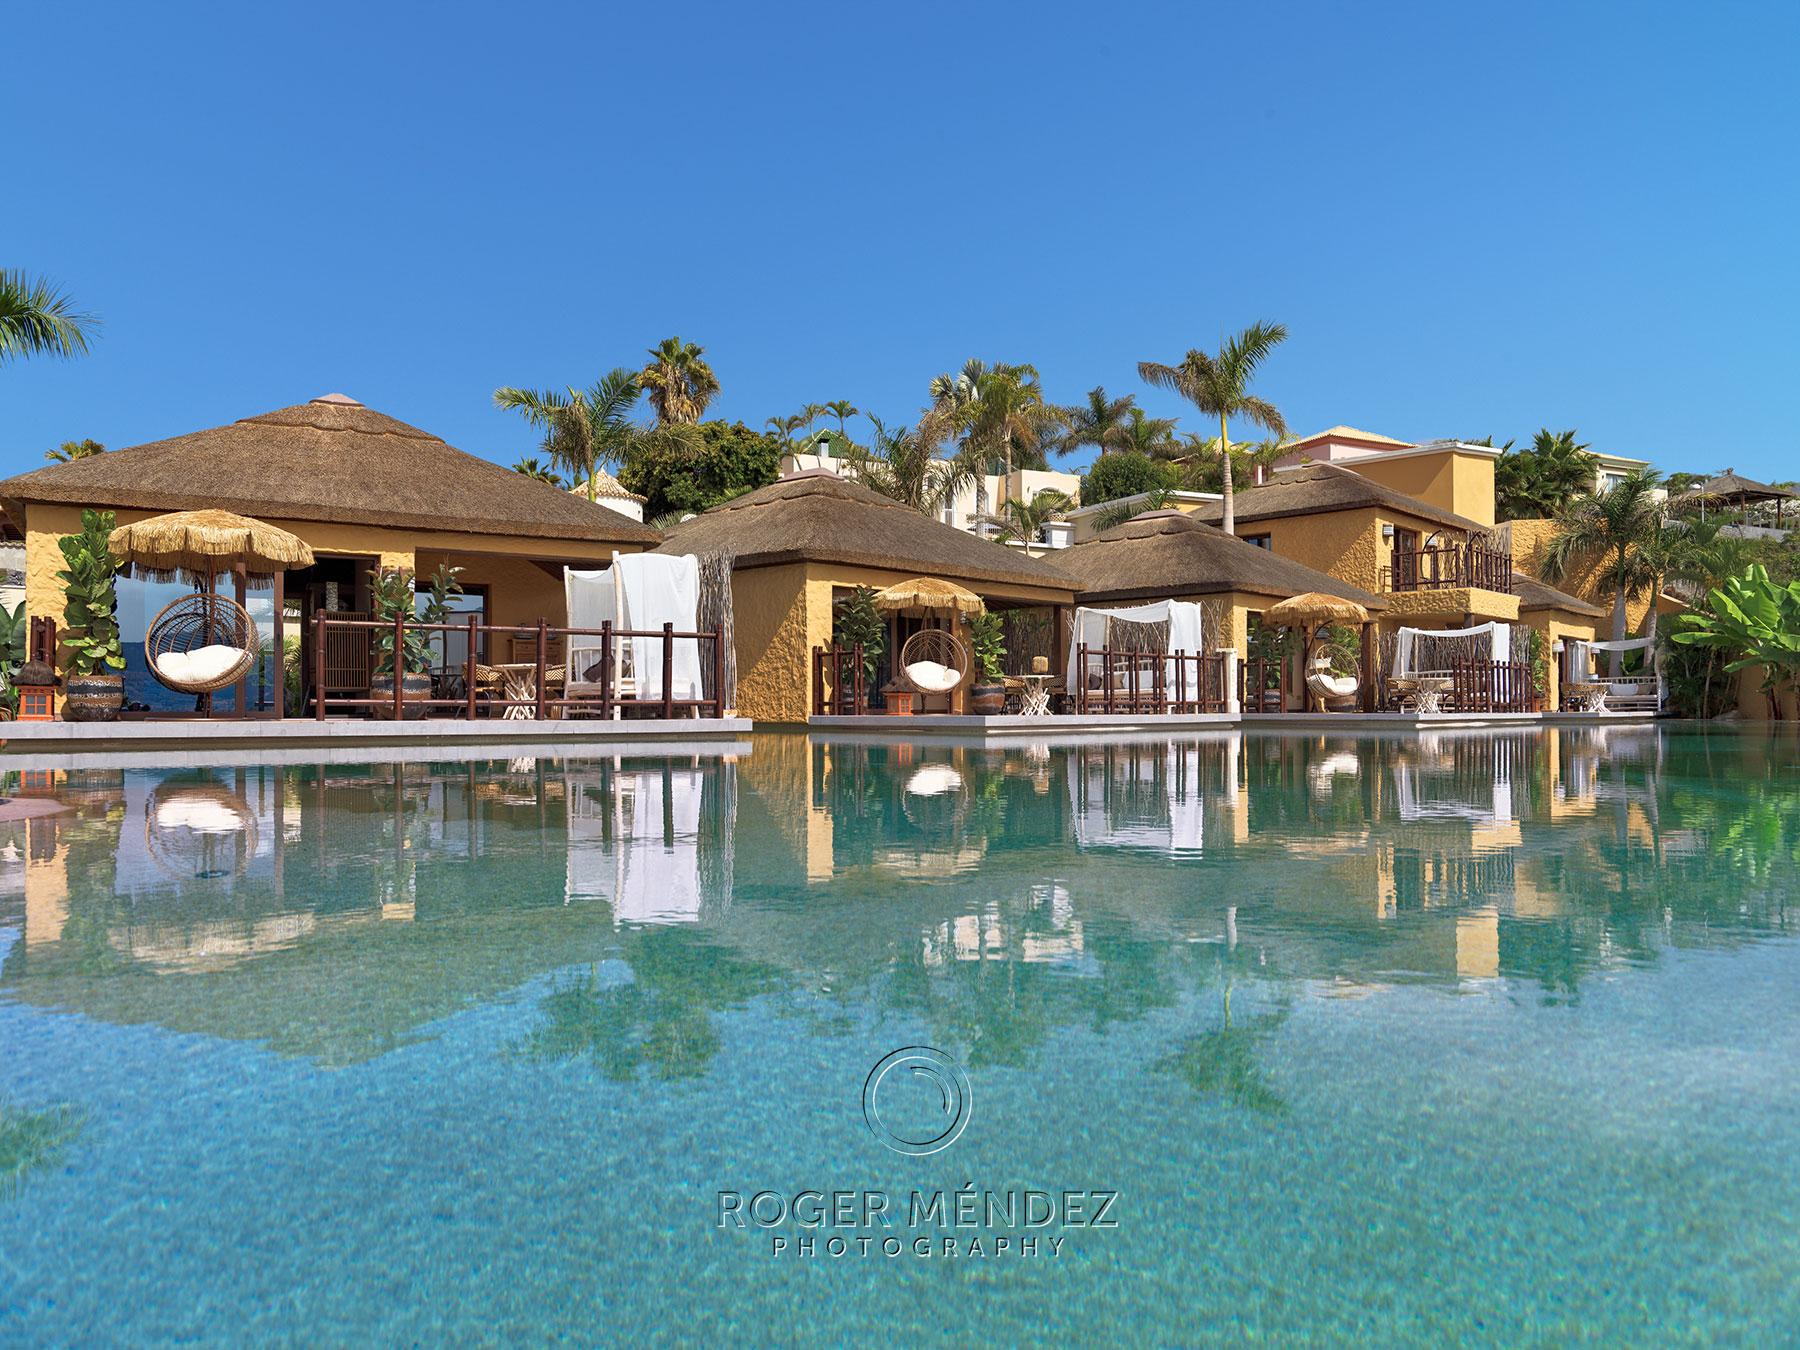 Piscina Lagoon Villas de día del hotel de lujo Royal River